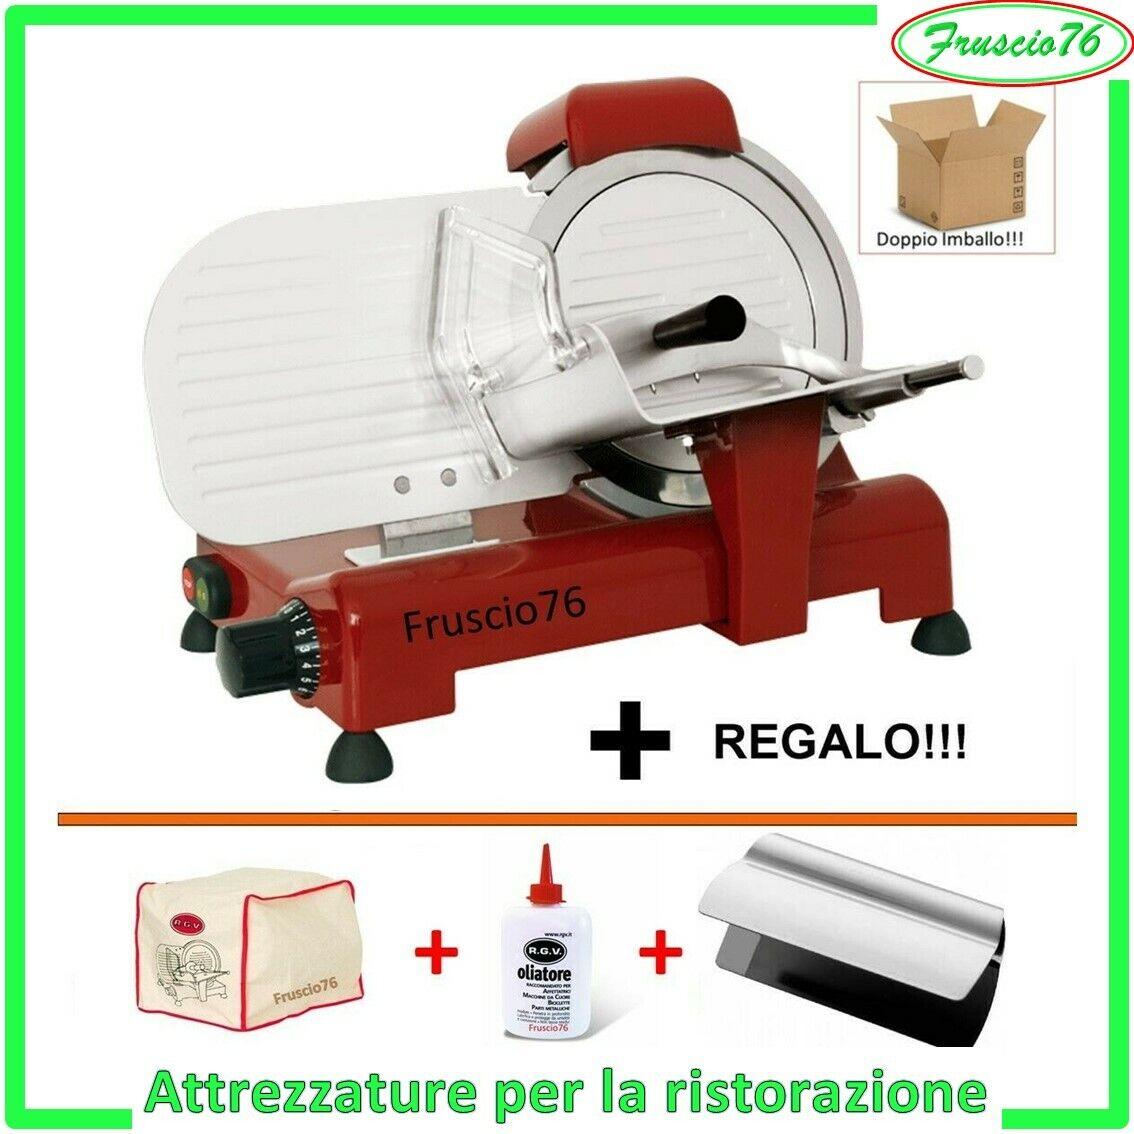 AFFETTATRICE Elettrica 25 RGV SPECIAL EDITION Rossa con COPERTURA OLIATORE PINZA